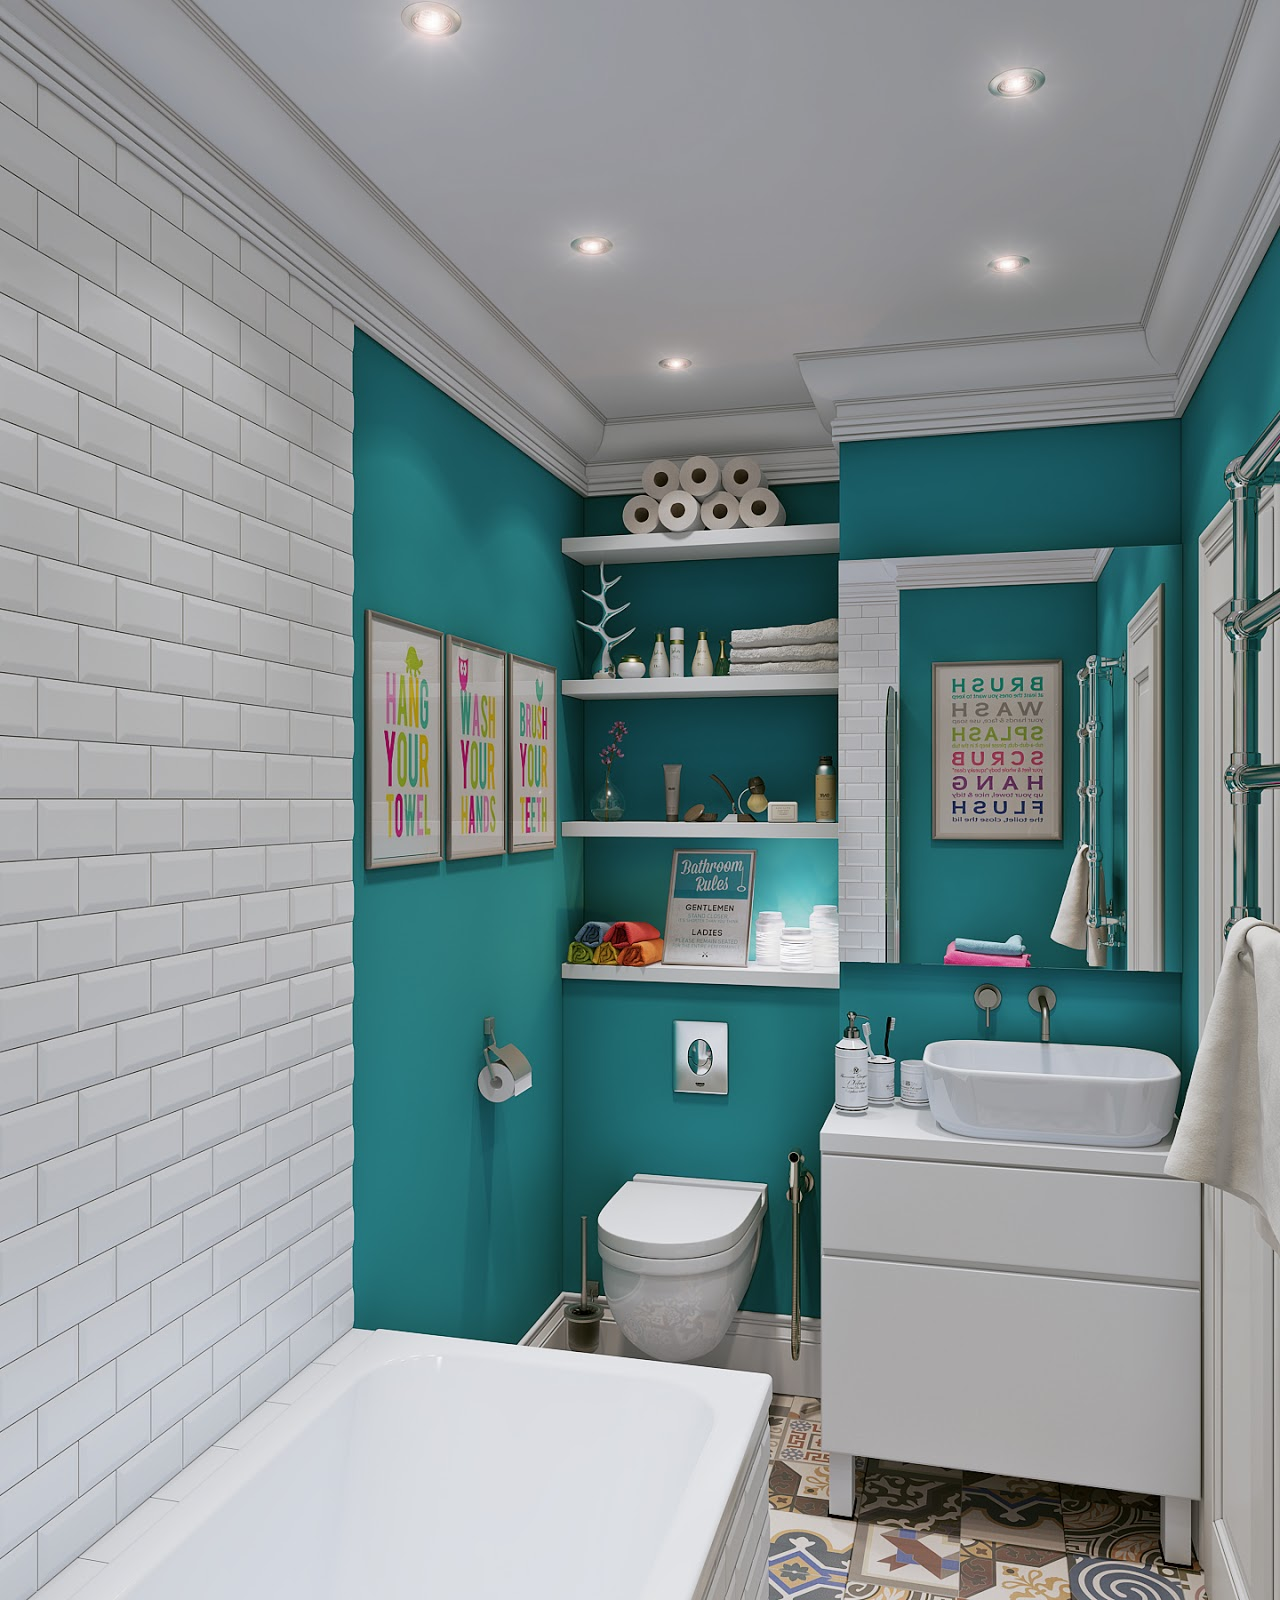 Arredare piccoli spazi giocando con i colori 25 mq for Salle de bain theme mer